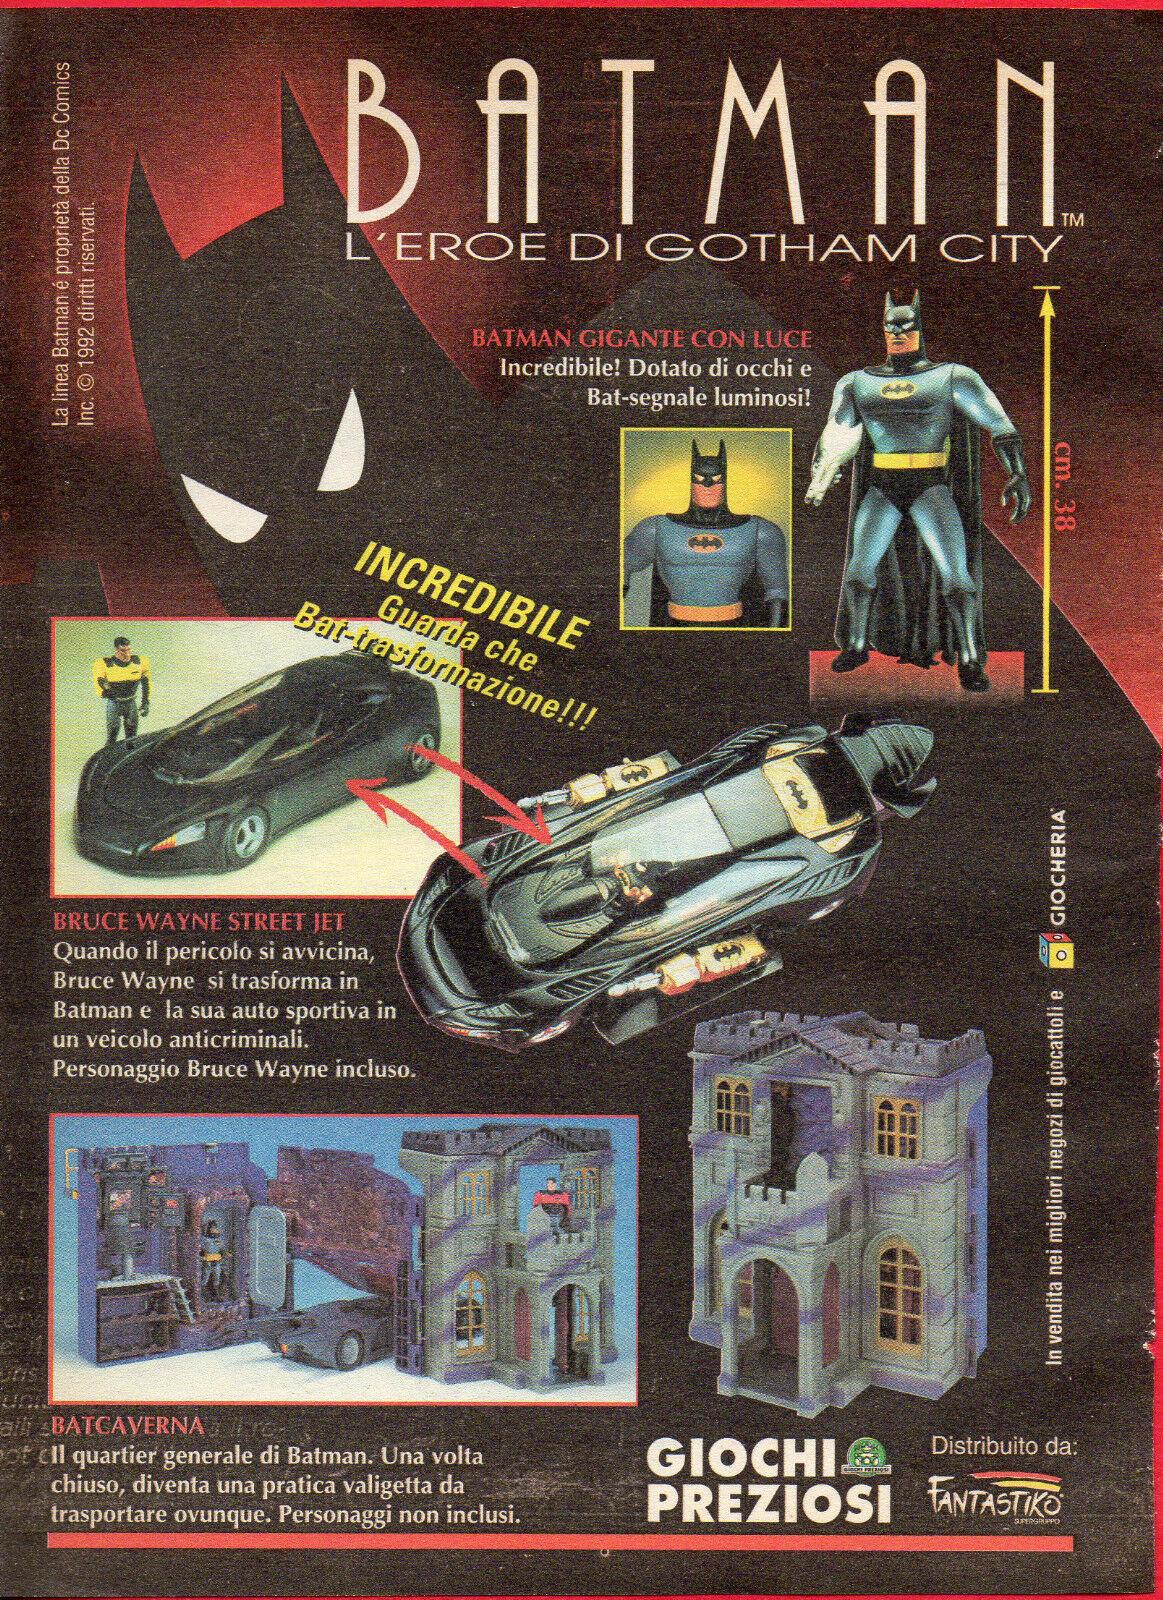 pubblicit_-advertising-1994-giochi-preziosi-batman.jpg